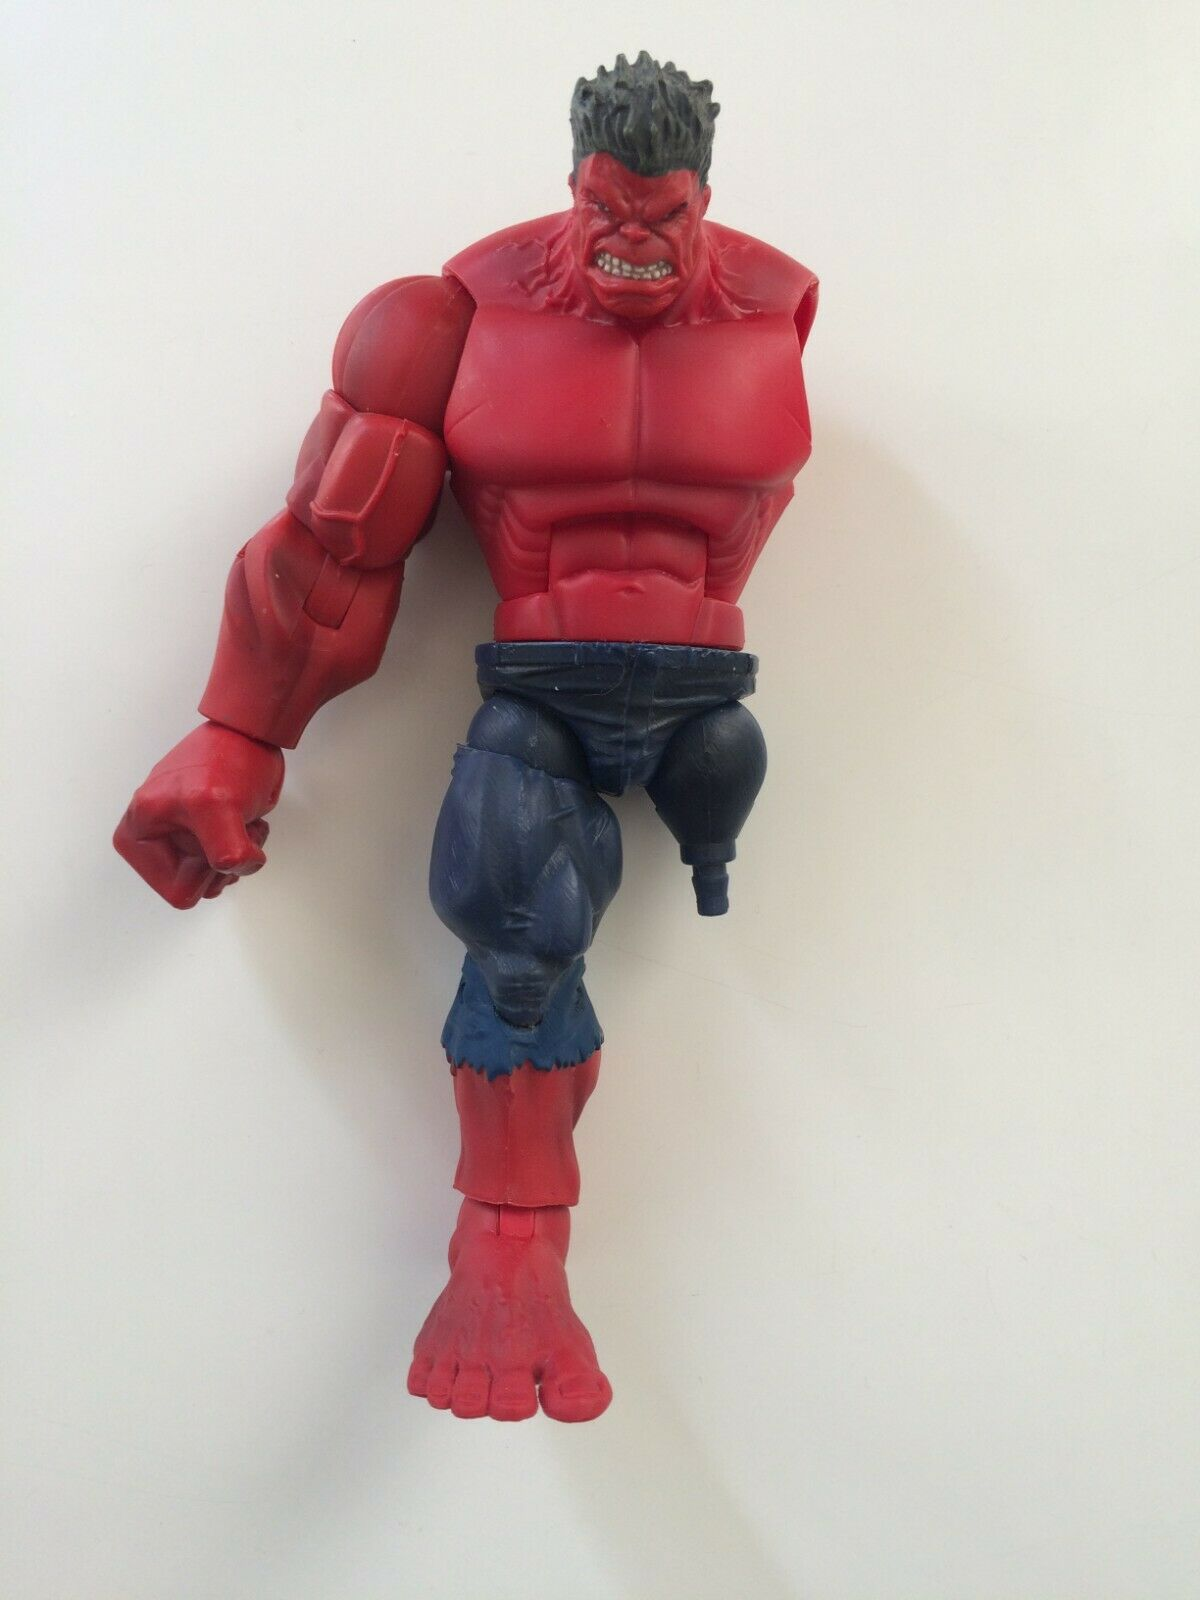 förundras Legends Target Exklusiv Röd Hulk BAF figur (nästan komplett)